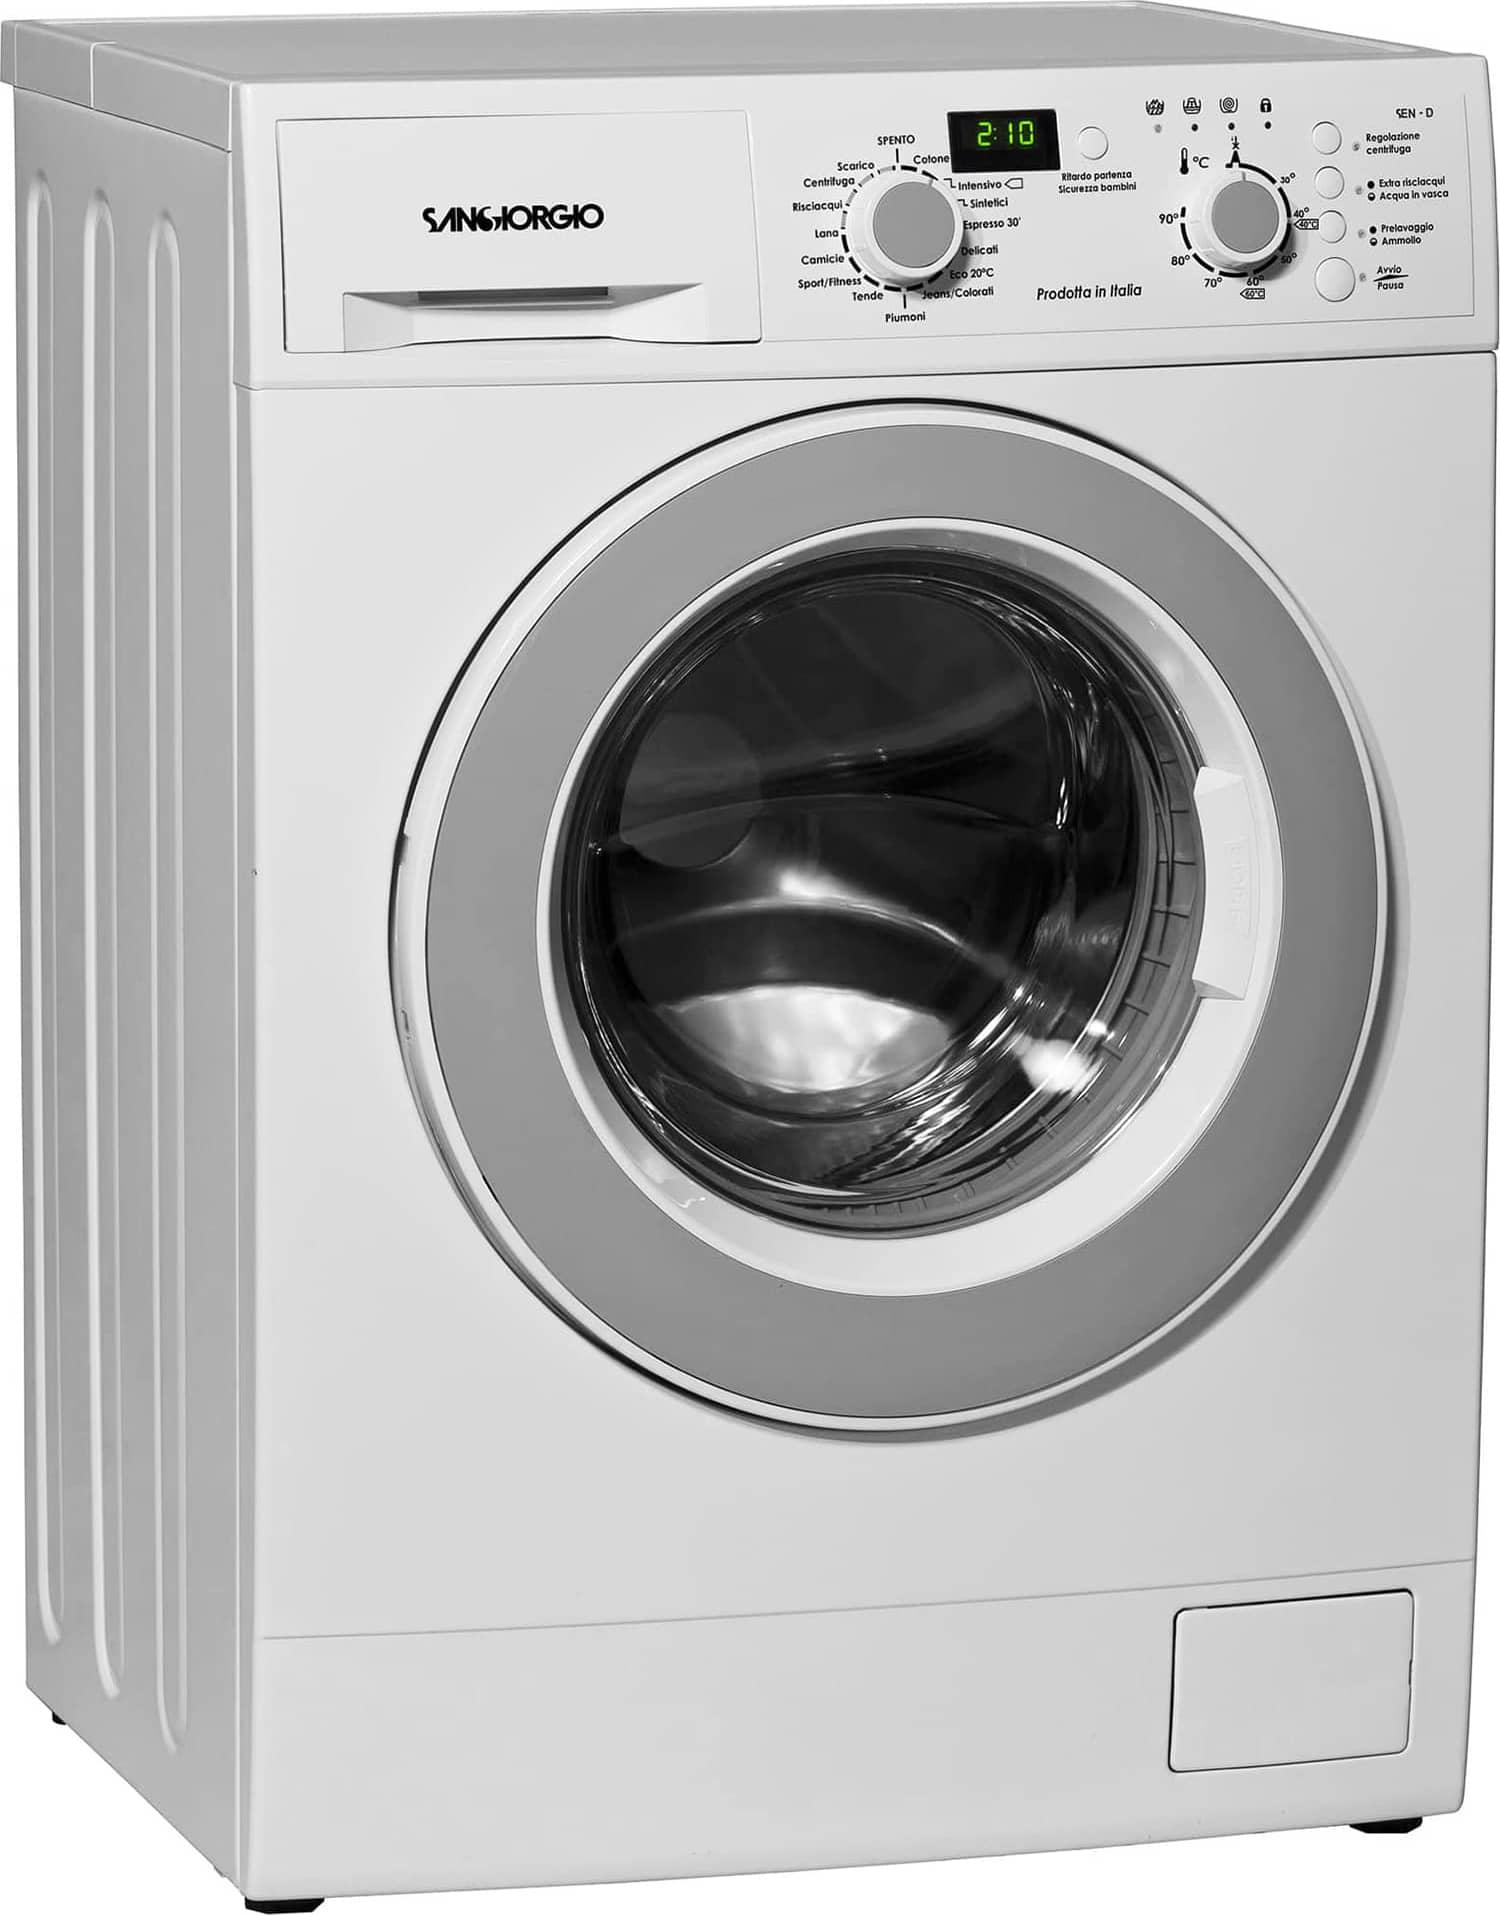 San giorgio lavatrice carica frontale 7 kg classe a 51 - Lavatrice per piumoni ...